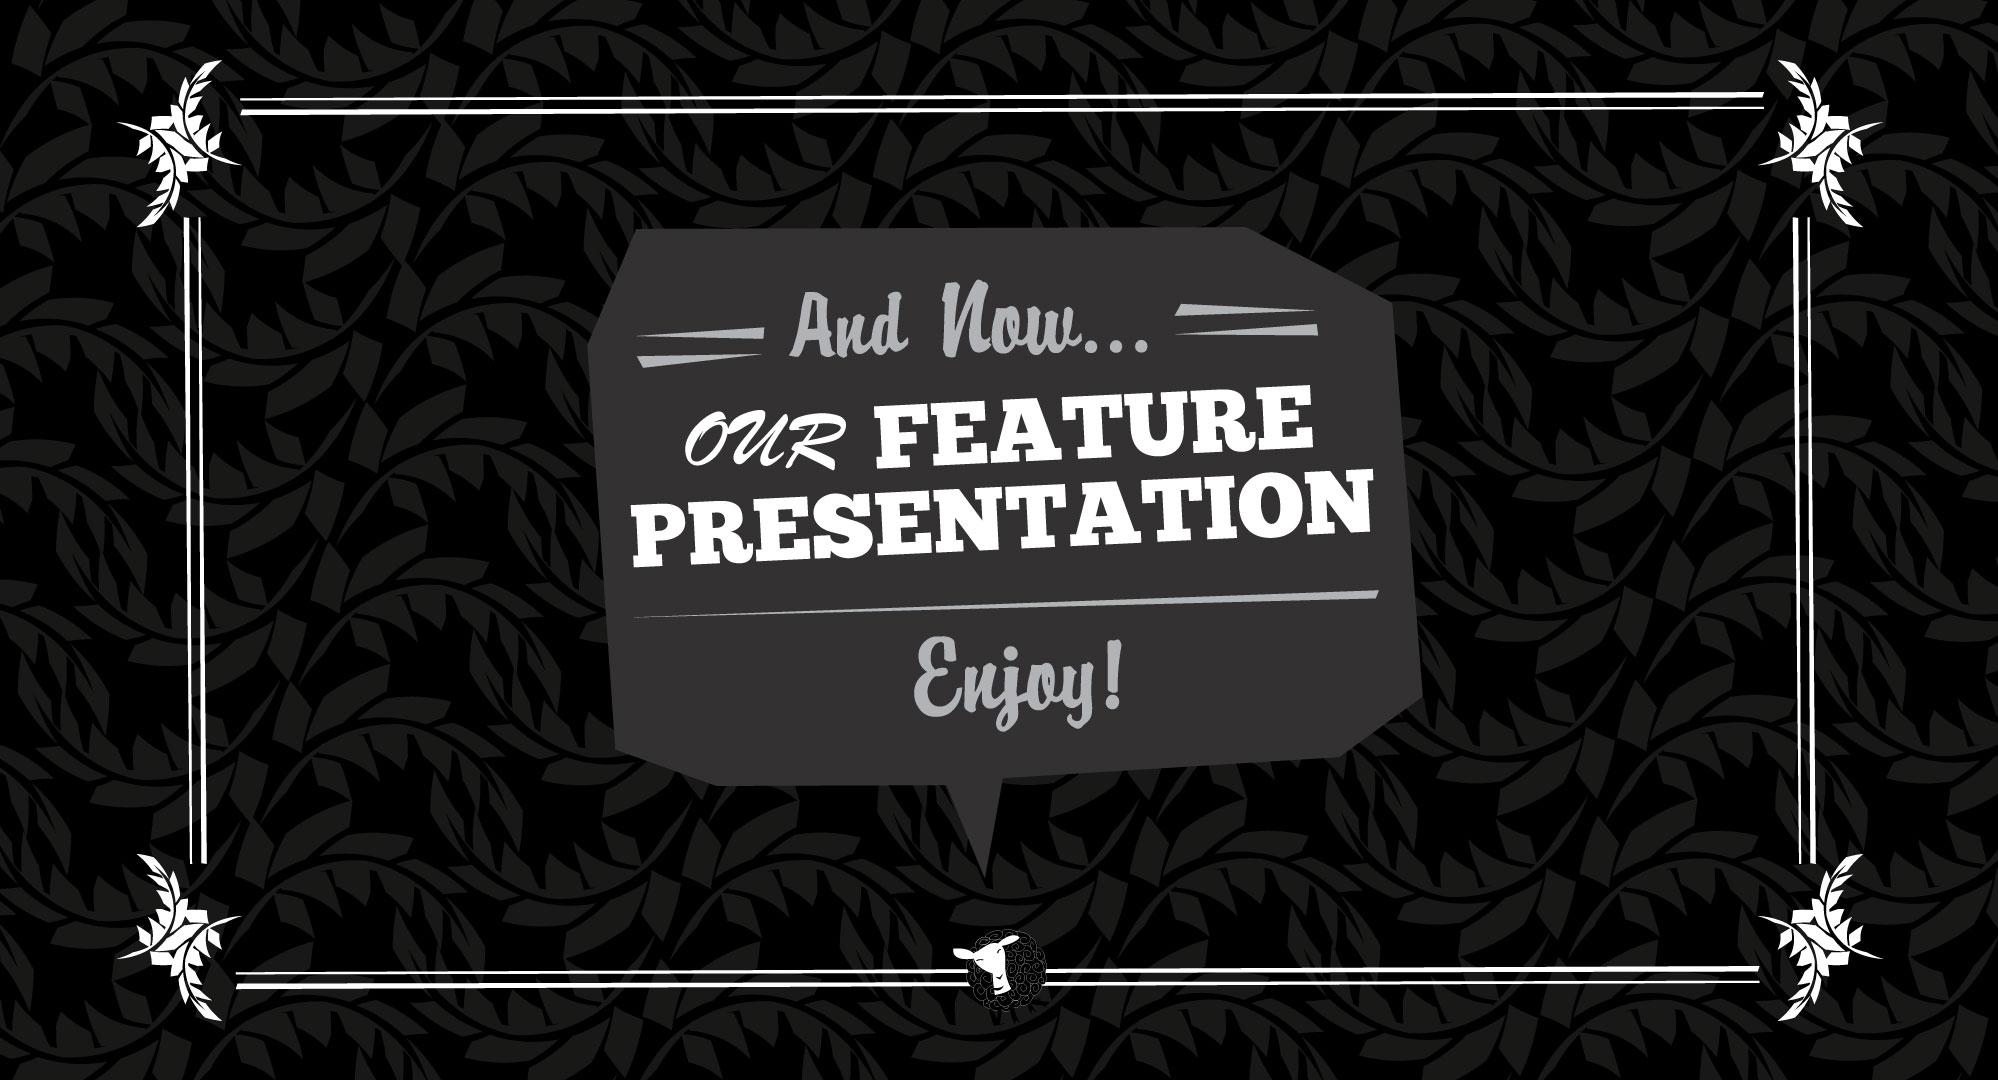 Laemmle_TheaterSlides_PreRoll_4_FeaturePresentaion.jpg